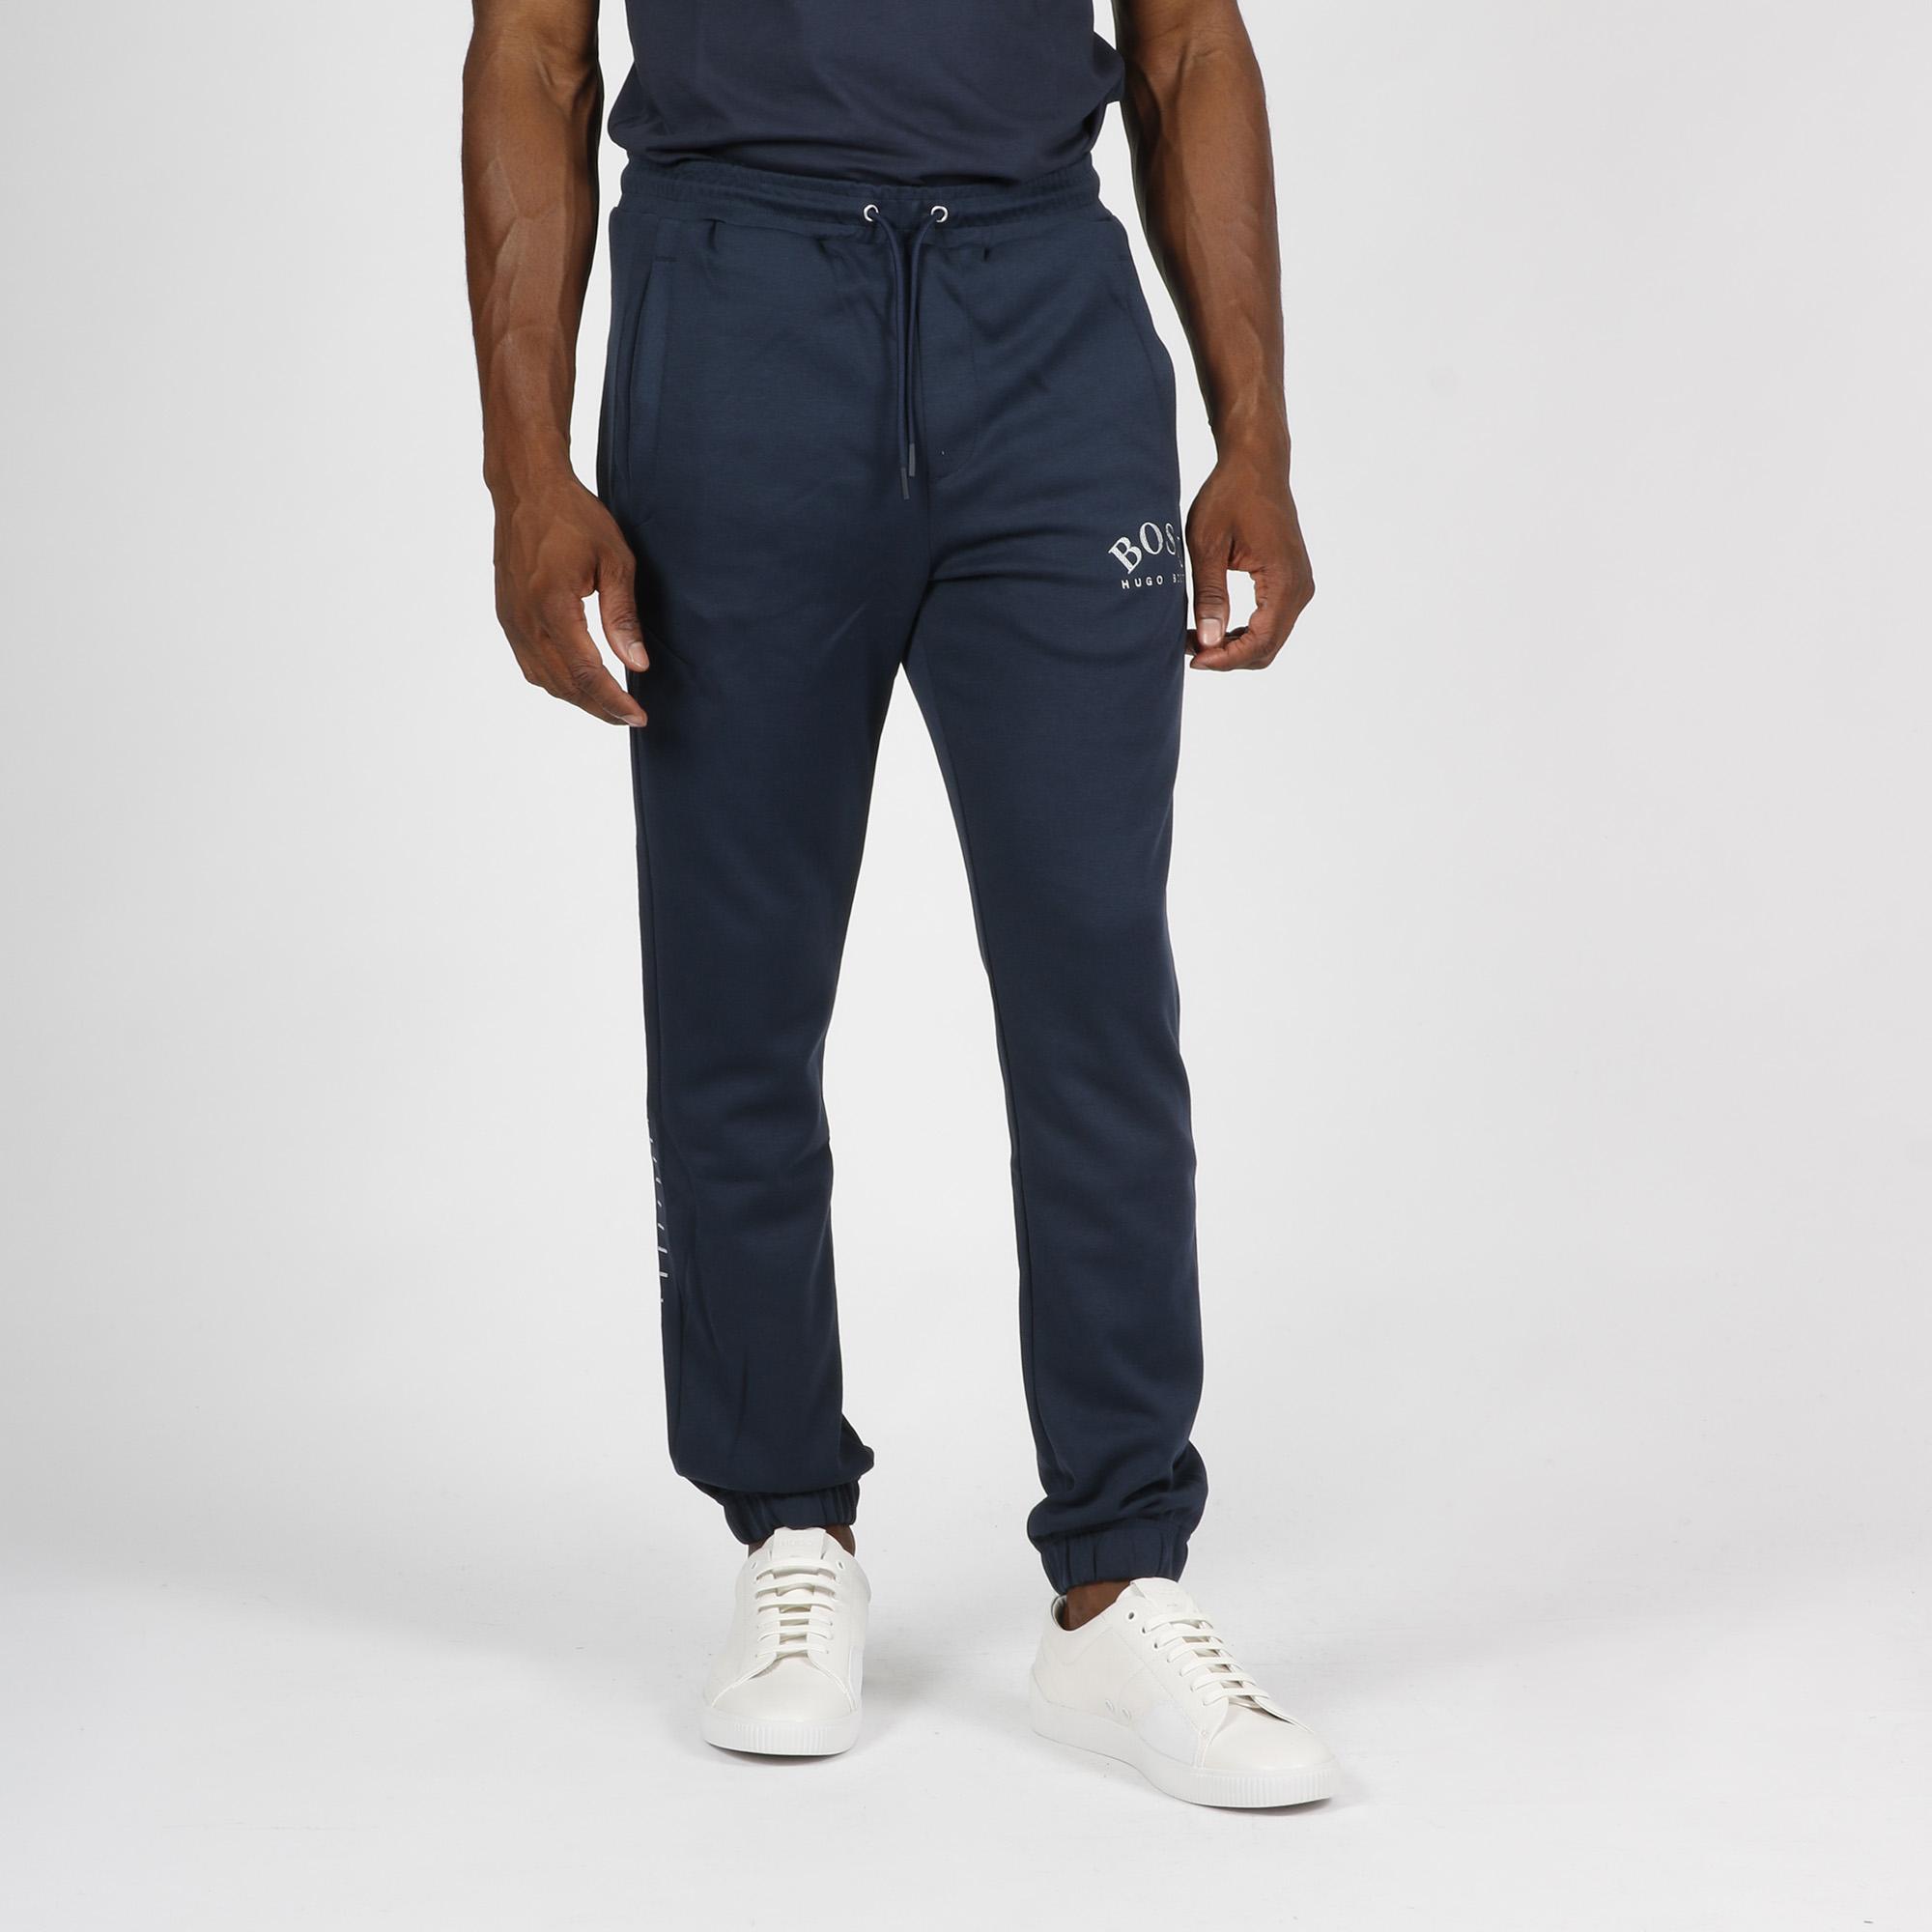 Pantalone tuta logo arrotondato - Blu